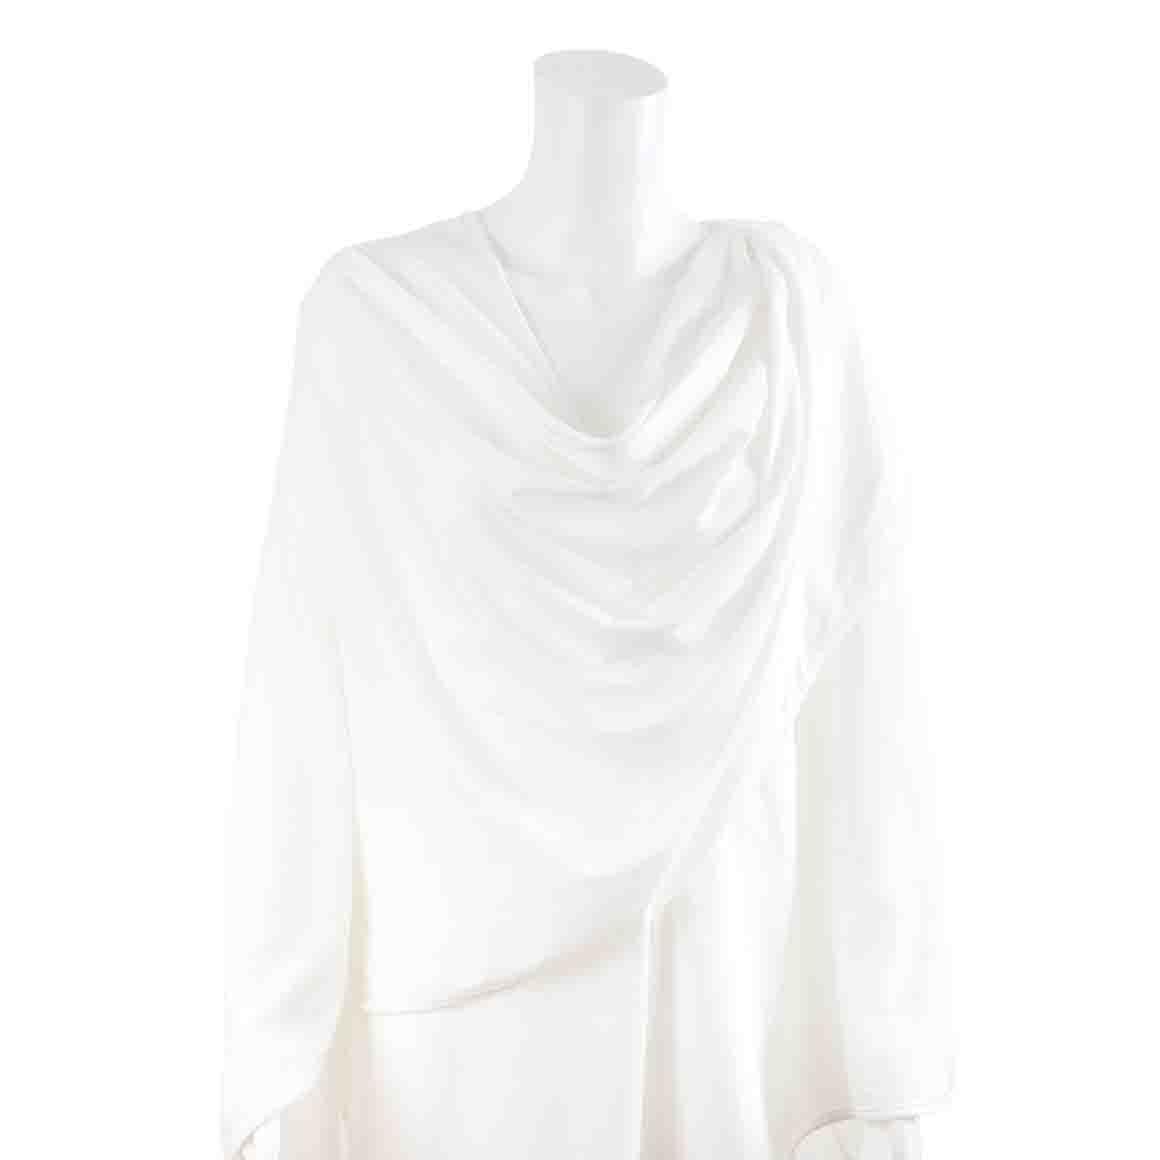 Bamboo/Cotton Nursing Cover - Cream | Trada Marketplace